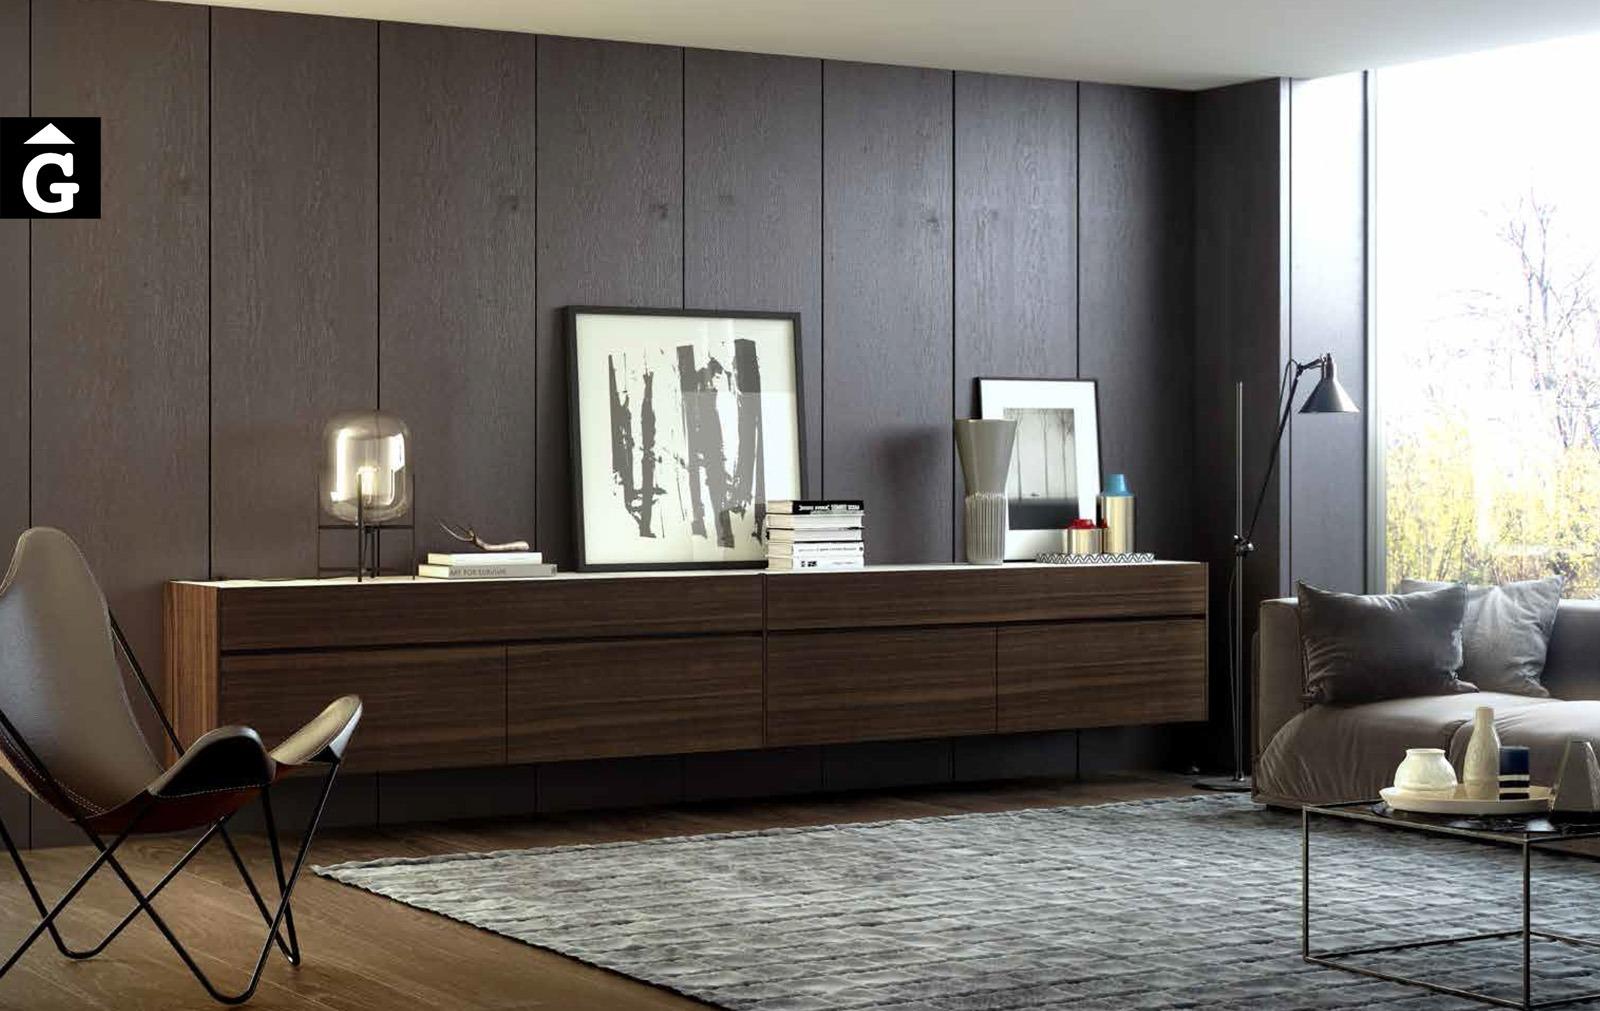 Aparador penjat a paret panelada Eucalipto Area mobles Ciurans per mobles Gifreu programa modular disseny atemporal realitzat amb materials i ferratges de qualitat estil modern minimal